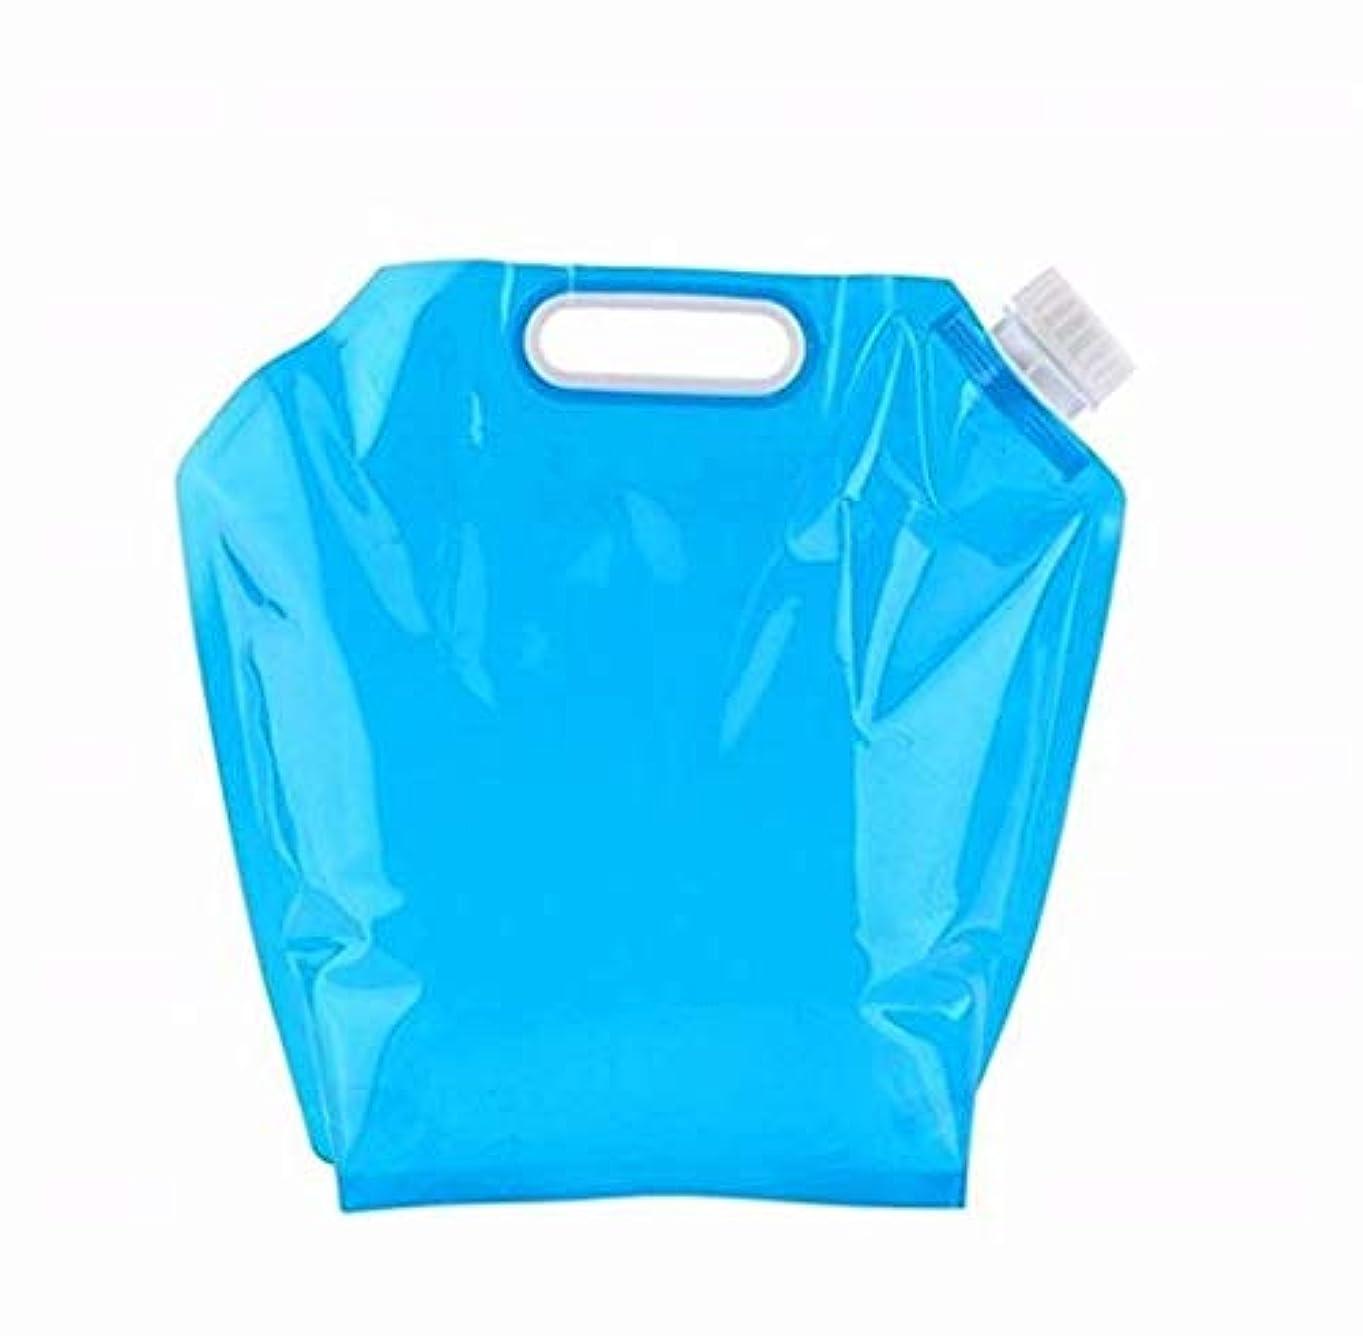 敗北インストールブラウズ七里の香 ウォーターバック 給水袋 折りたたみ ポータブル ハンドル付き バッグ 5L キャンプ 登山 防災用 5L